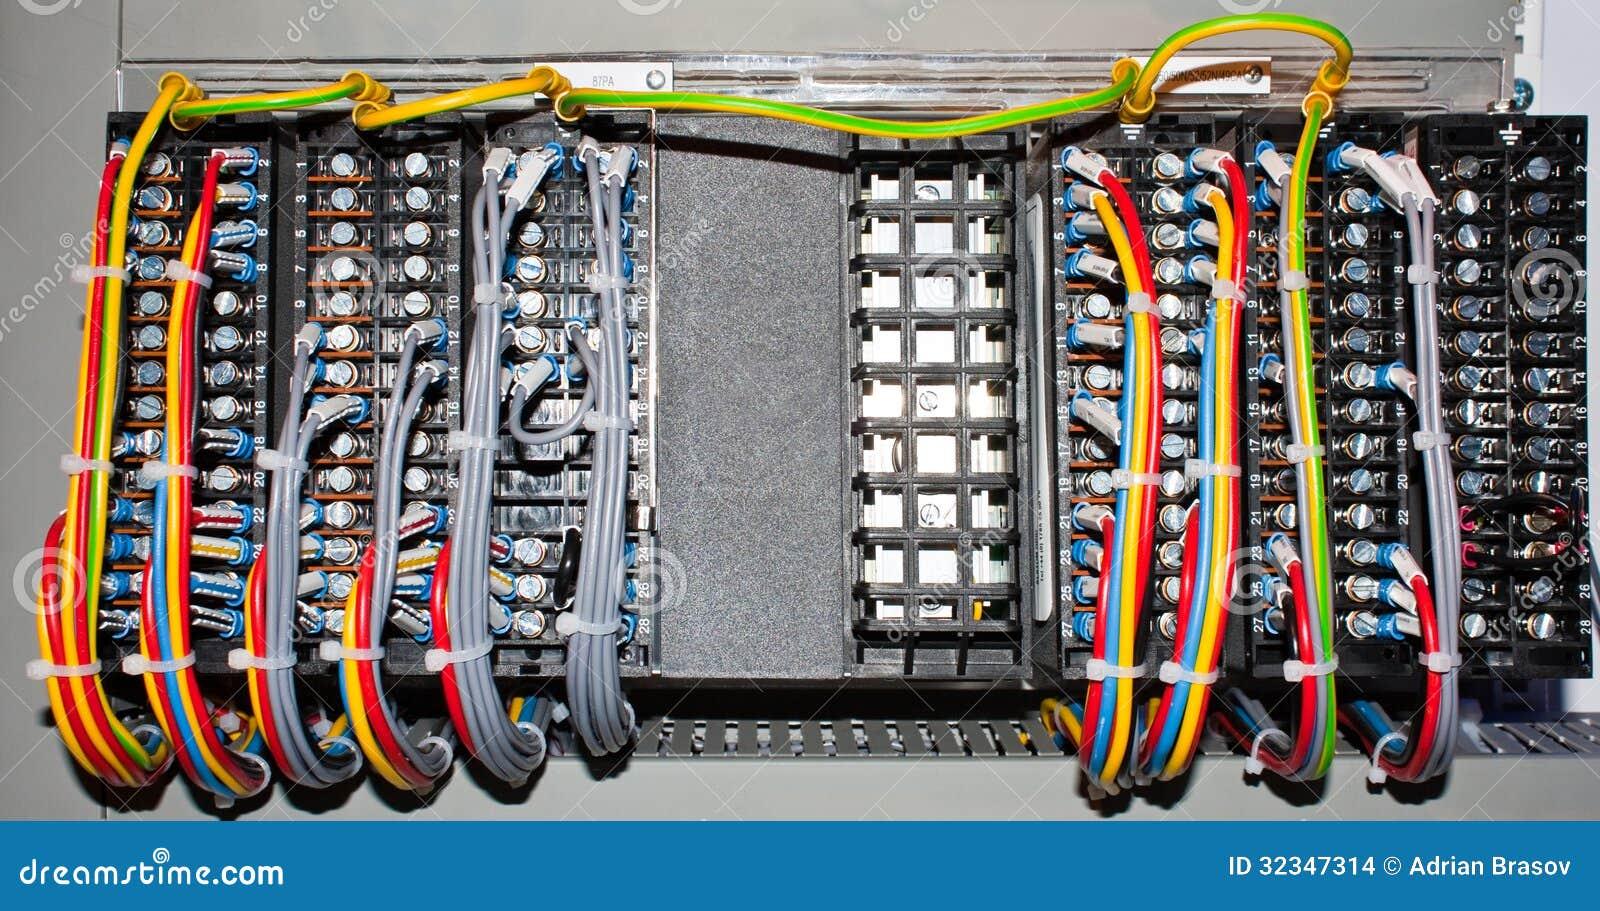 Ziemlich Electric Panel Bilder - Der Schaltplan - triangre.info